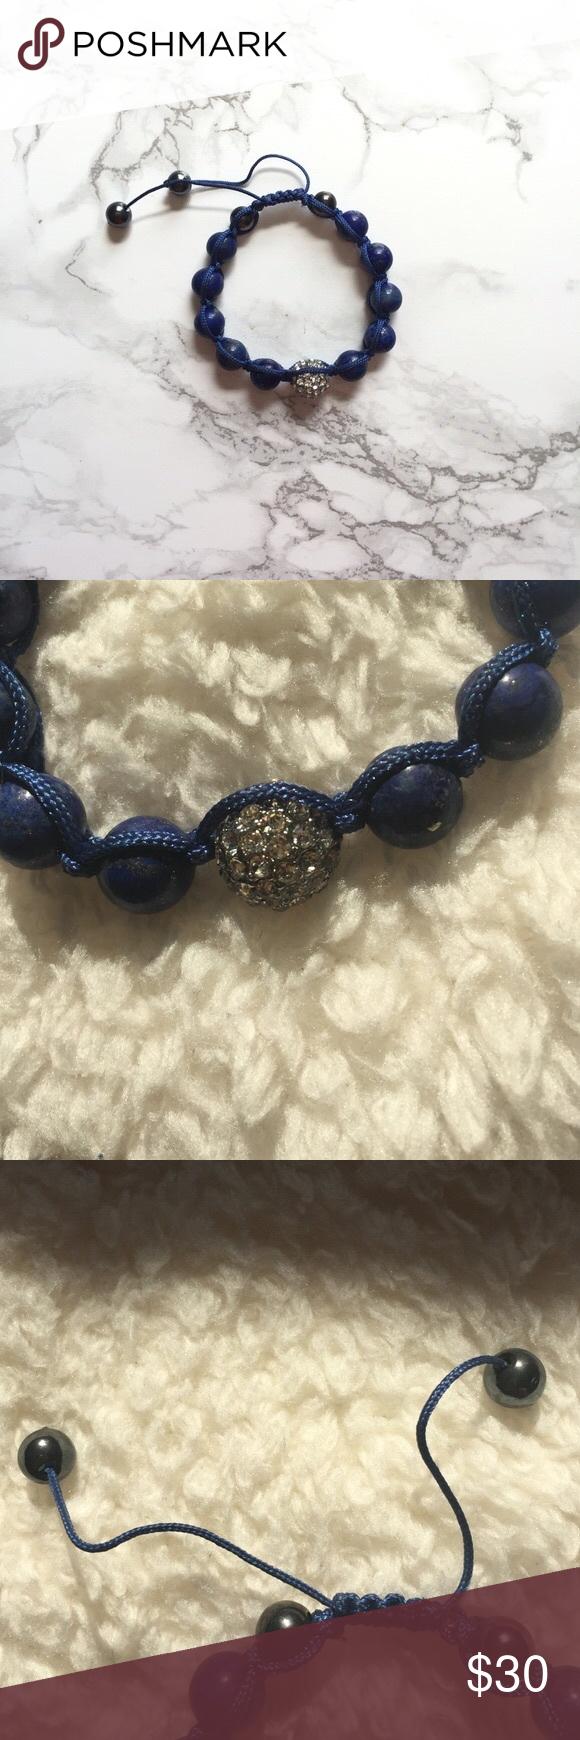 NWOT J.Crew Navy Adjustable Bracelet NWOT Blue adjustable bracelet with a jeweled bead J. Crew Jewelry Bracelets